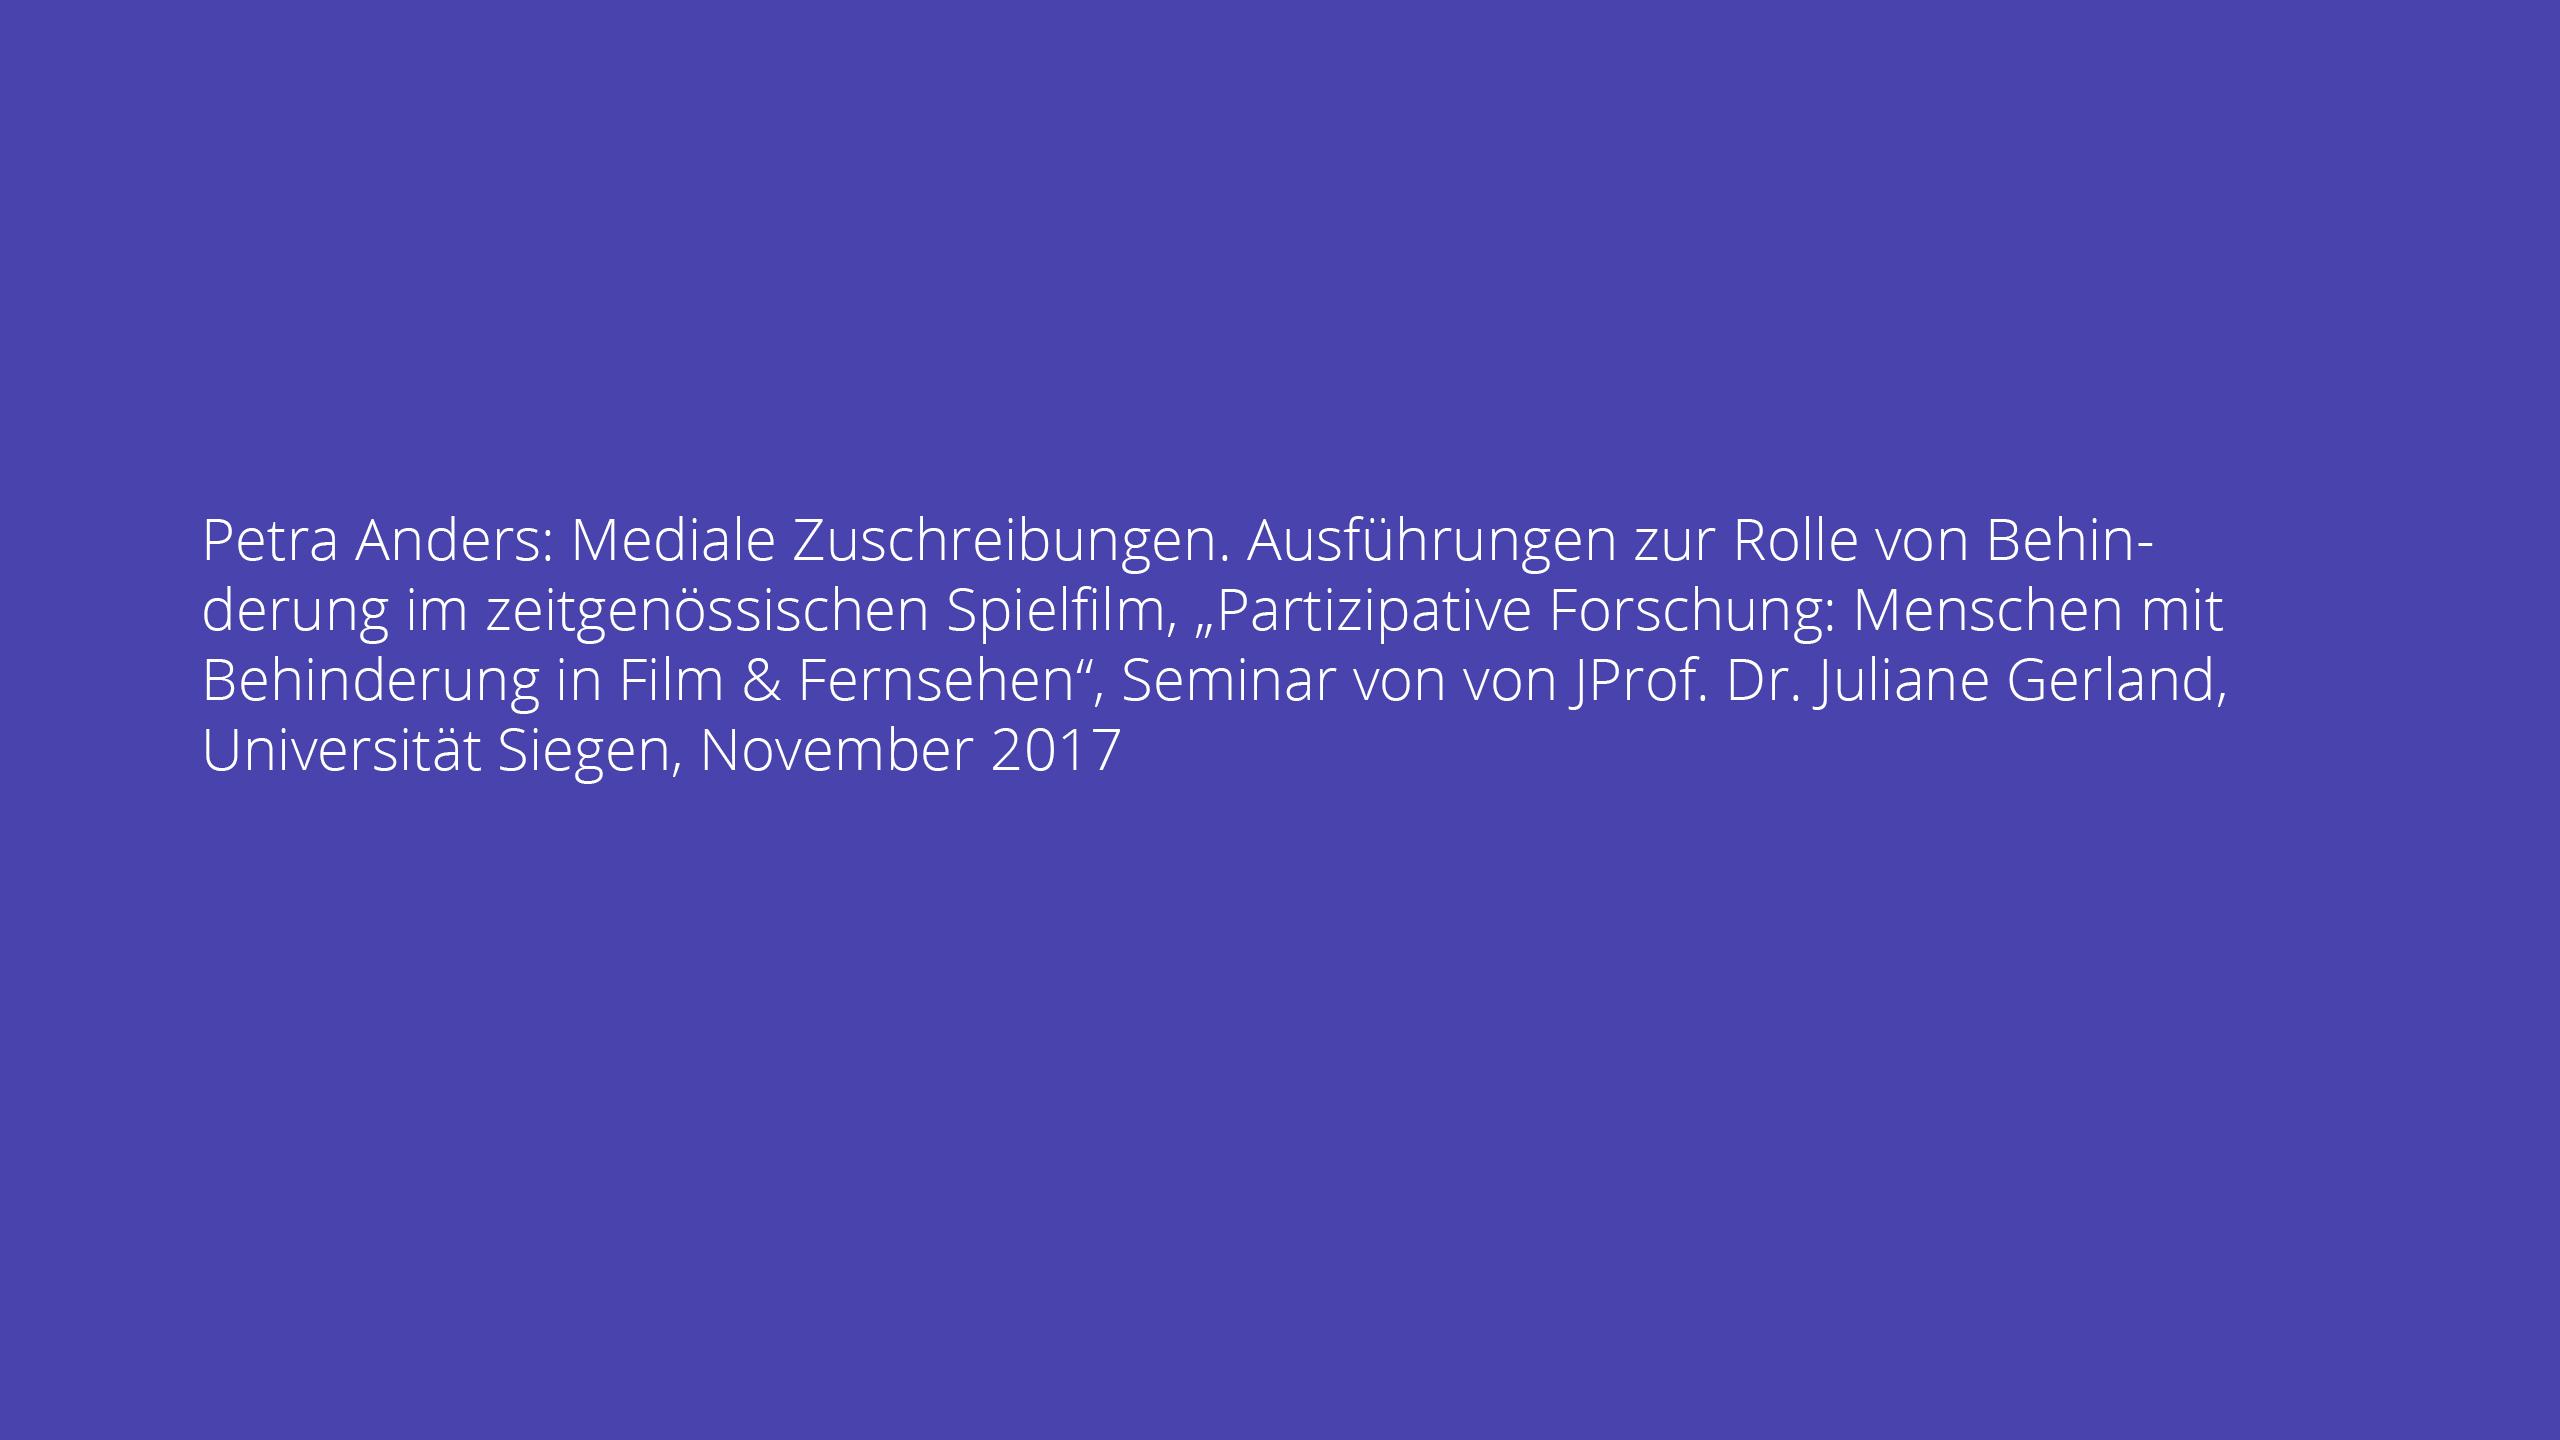 Mediale Zuschreibungen. Ausführungen zur Rolle von Behinderung im zeitgenössischen Spielfilm